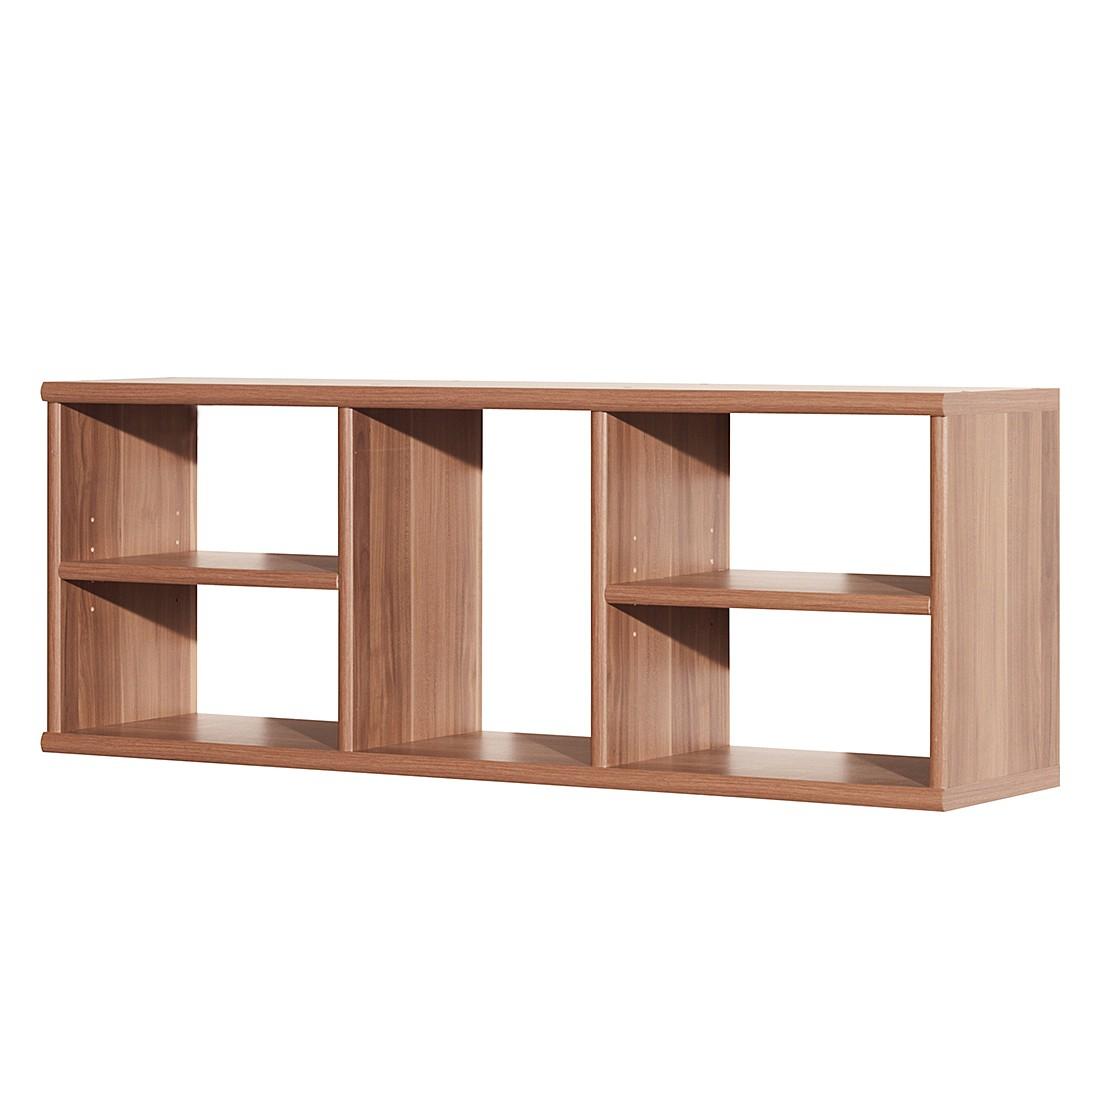 cs schmal soft plus preisvergleich die besten angebote online kaufen. Black Bedroom Furniture Sets. Home Design Ideas